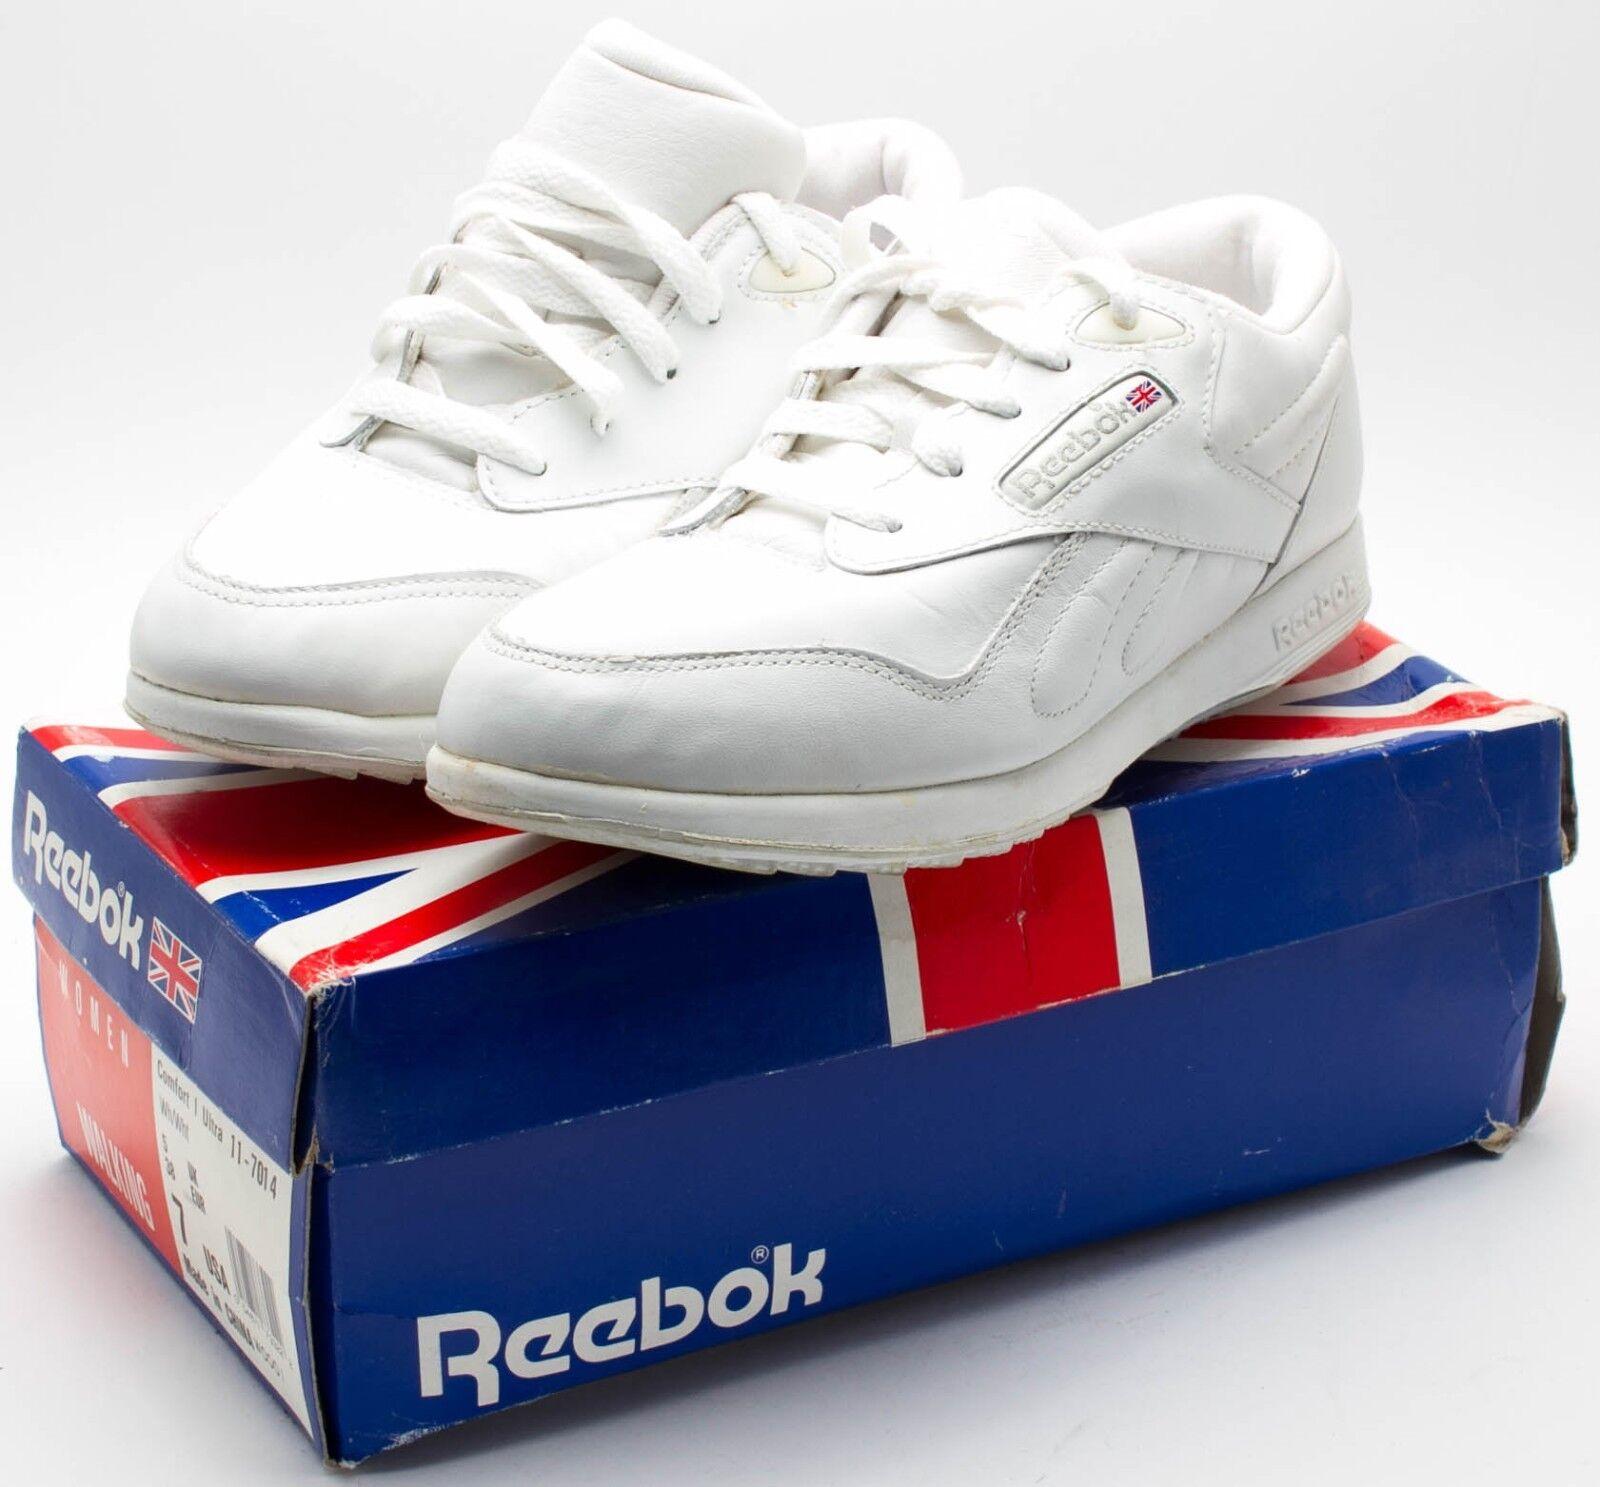 Reebok femmes Vintage 607 MS OG Confort 1 Ultra chaussures 11-7014 blanc Taille 7